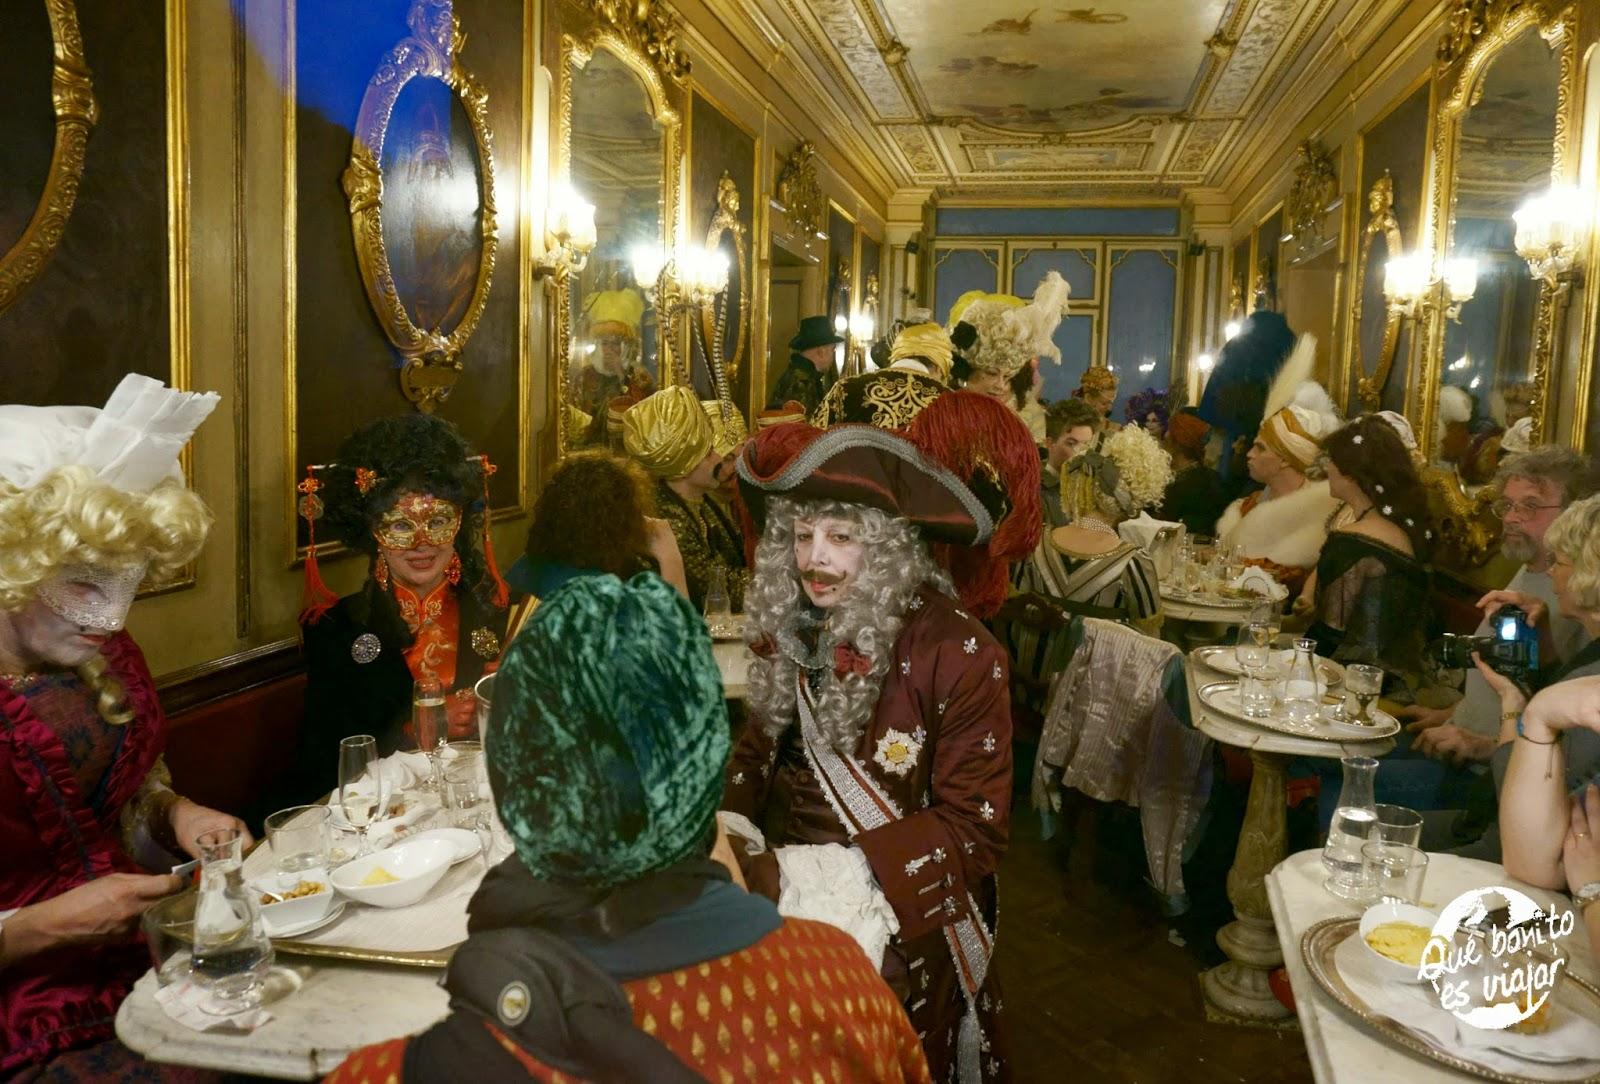 Cafe Florian en Carnaval en Venecia